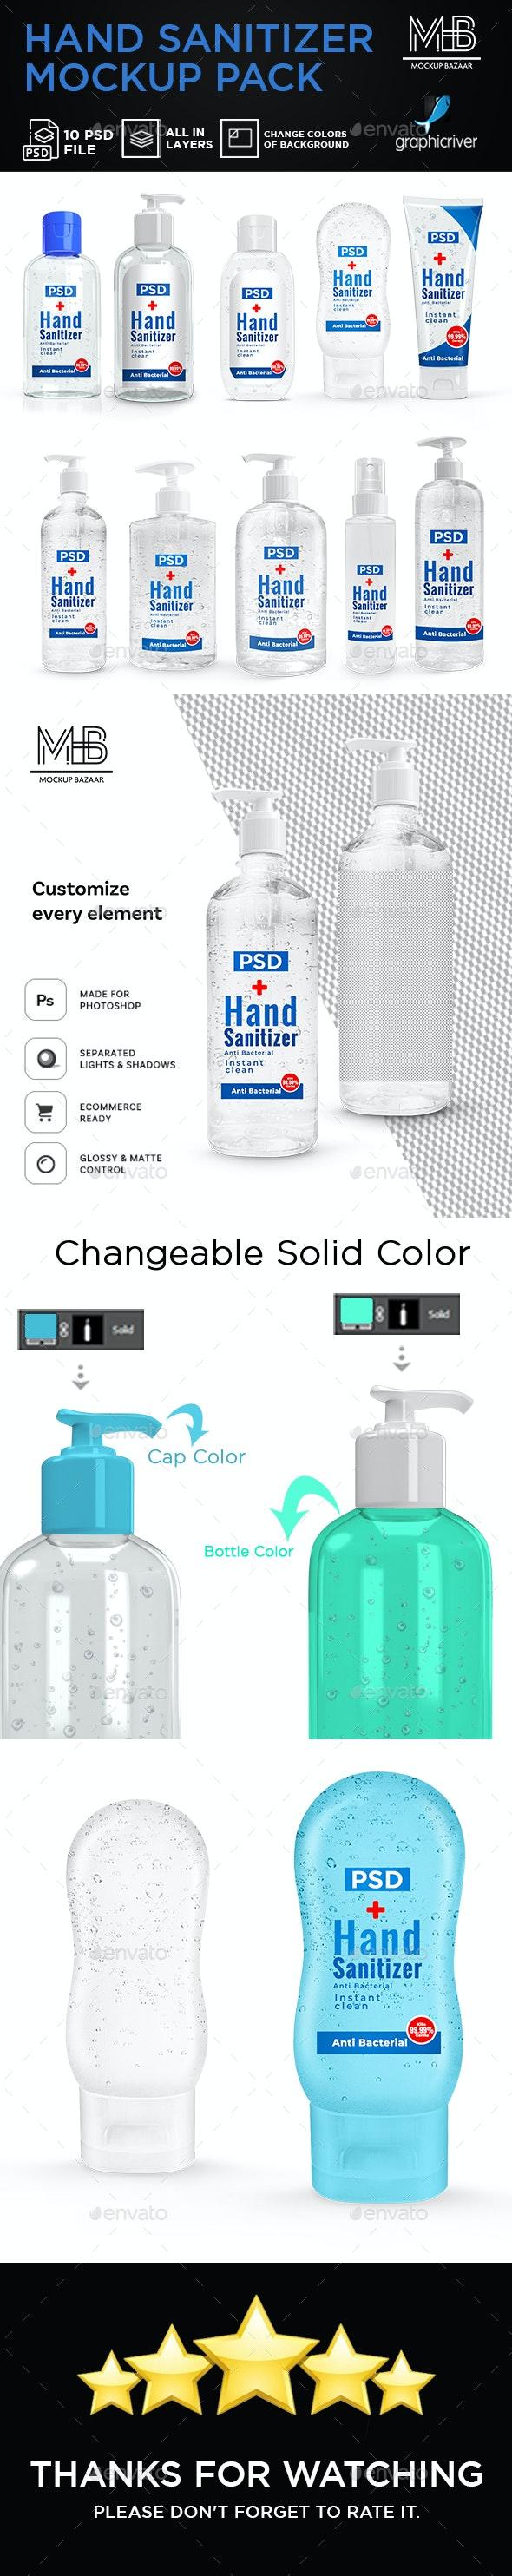 Hand Sanitizer Bottle Mockup Pack - Product Mock-Ups Graphics